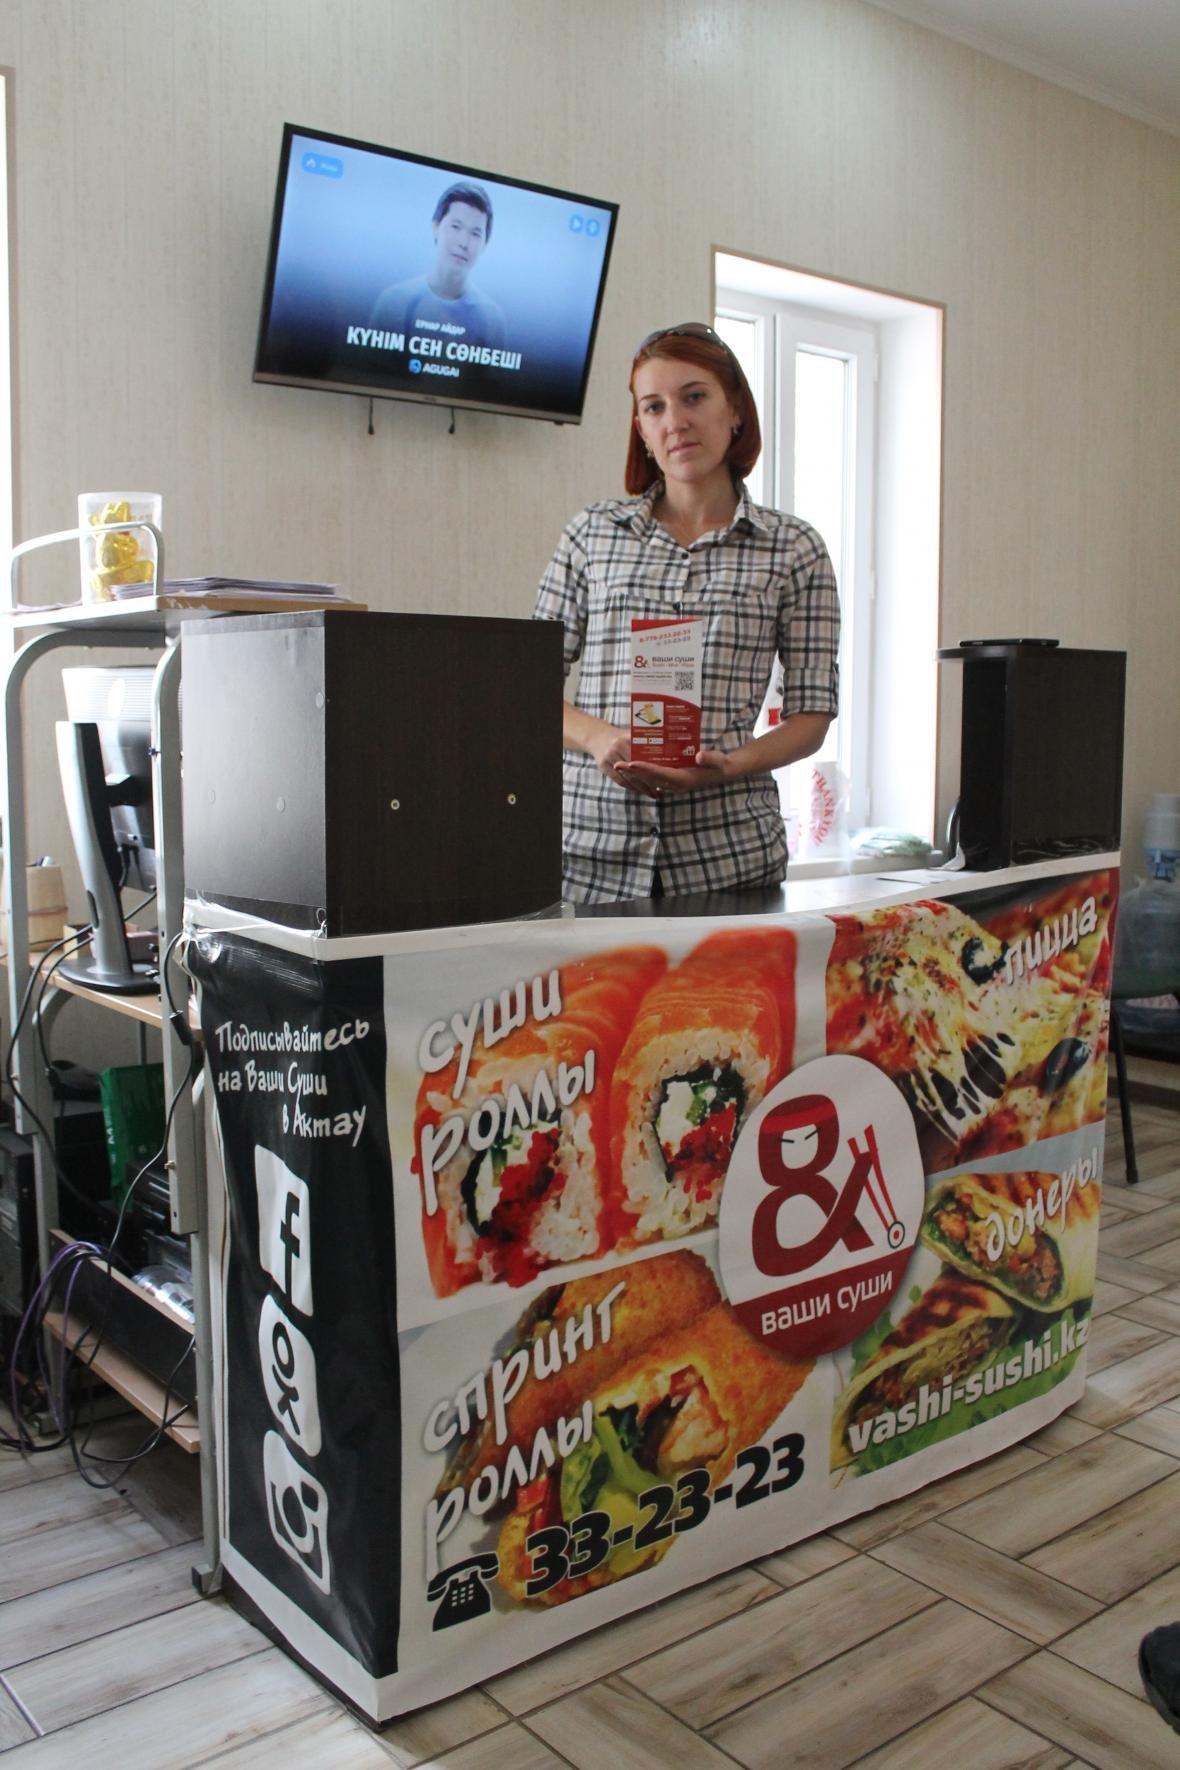 Предпринимательница из Актау открыла интернет-магазин по доставке суши, фото-2